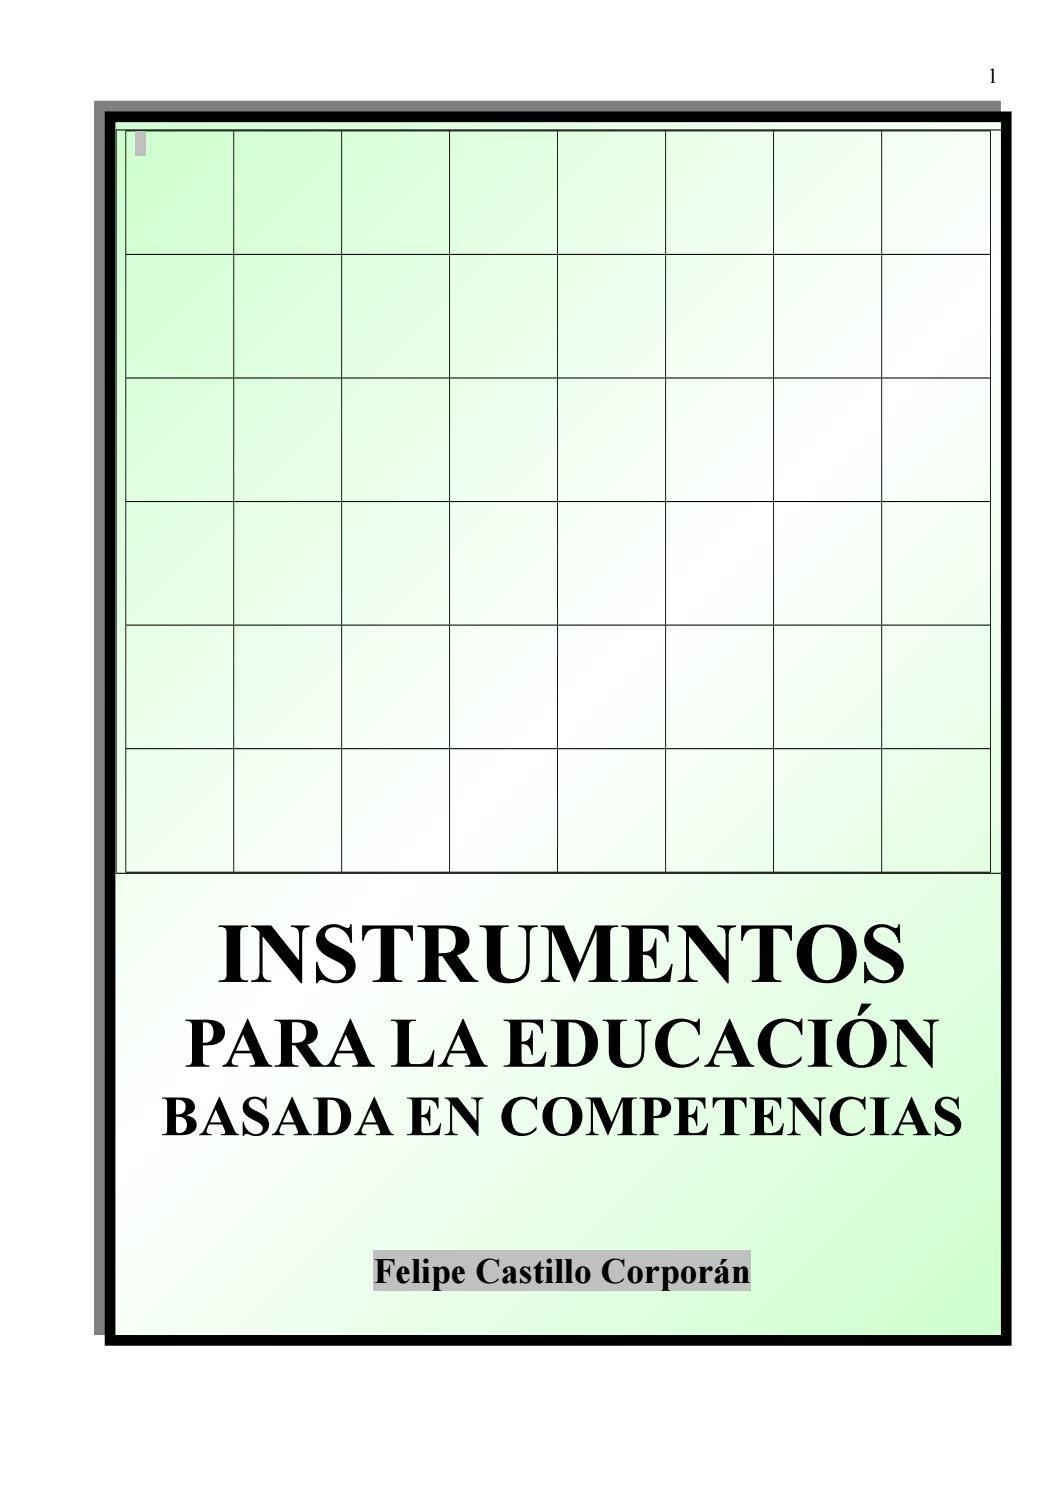 Instrumentos para la educacion basada en competencias